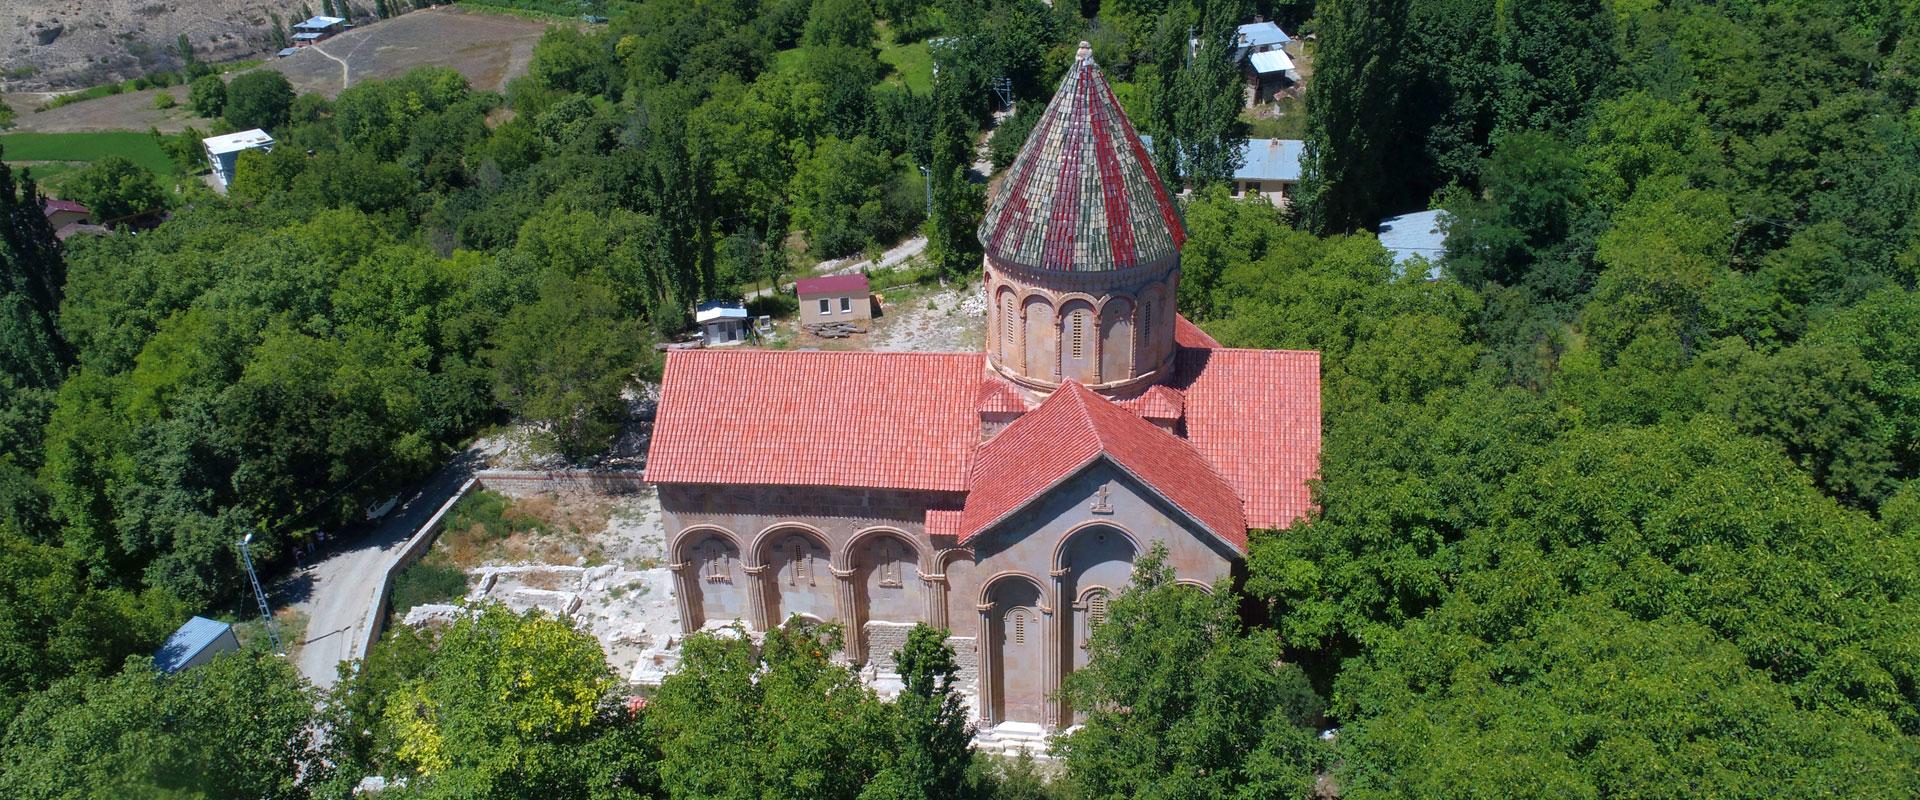 Yusufeli Turu – Slider – İşhan Kilisesi